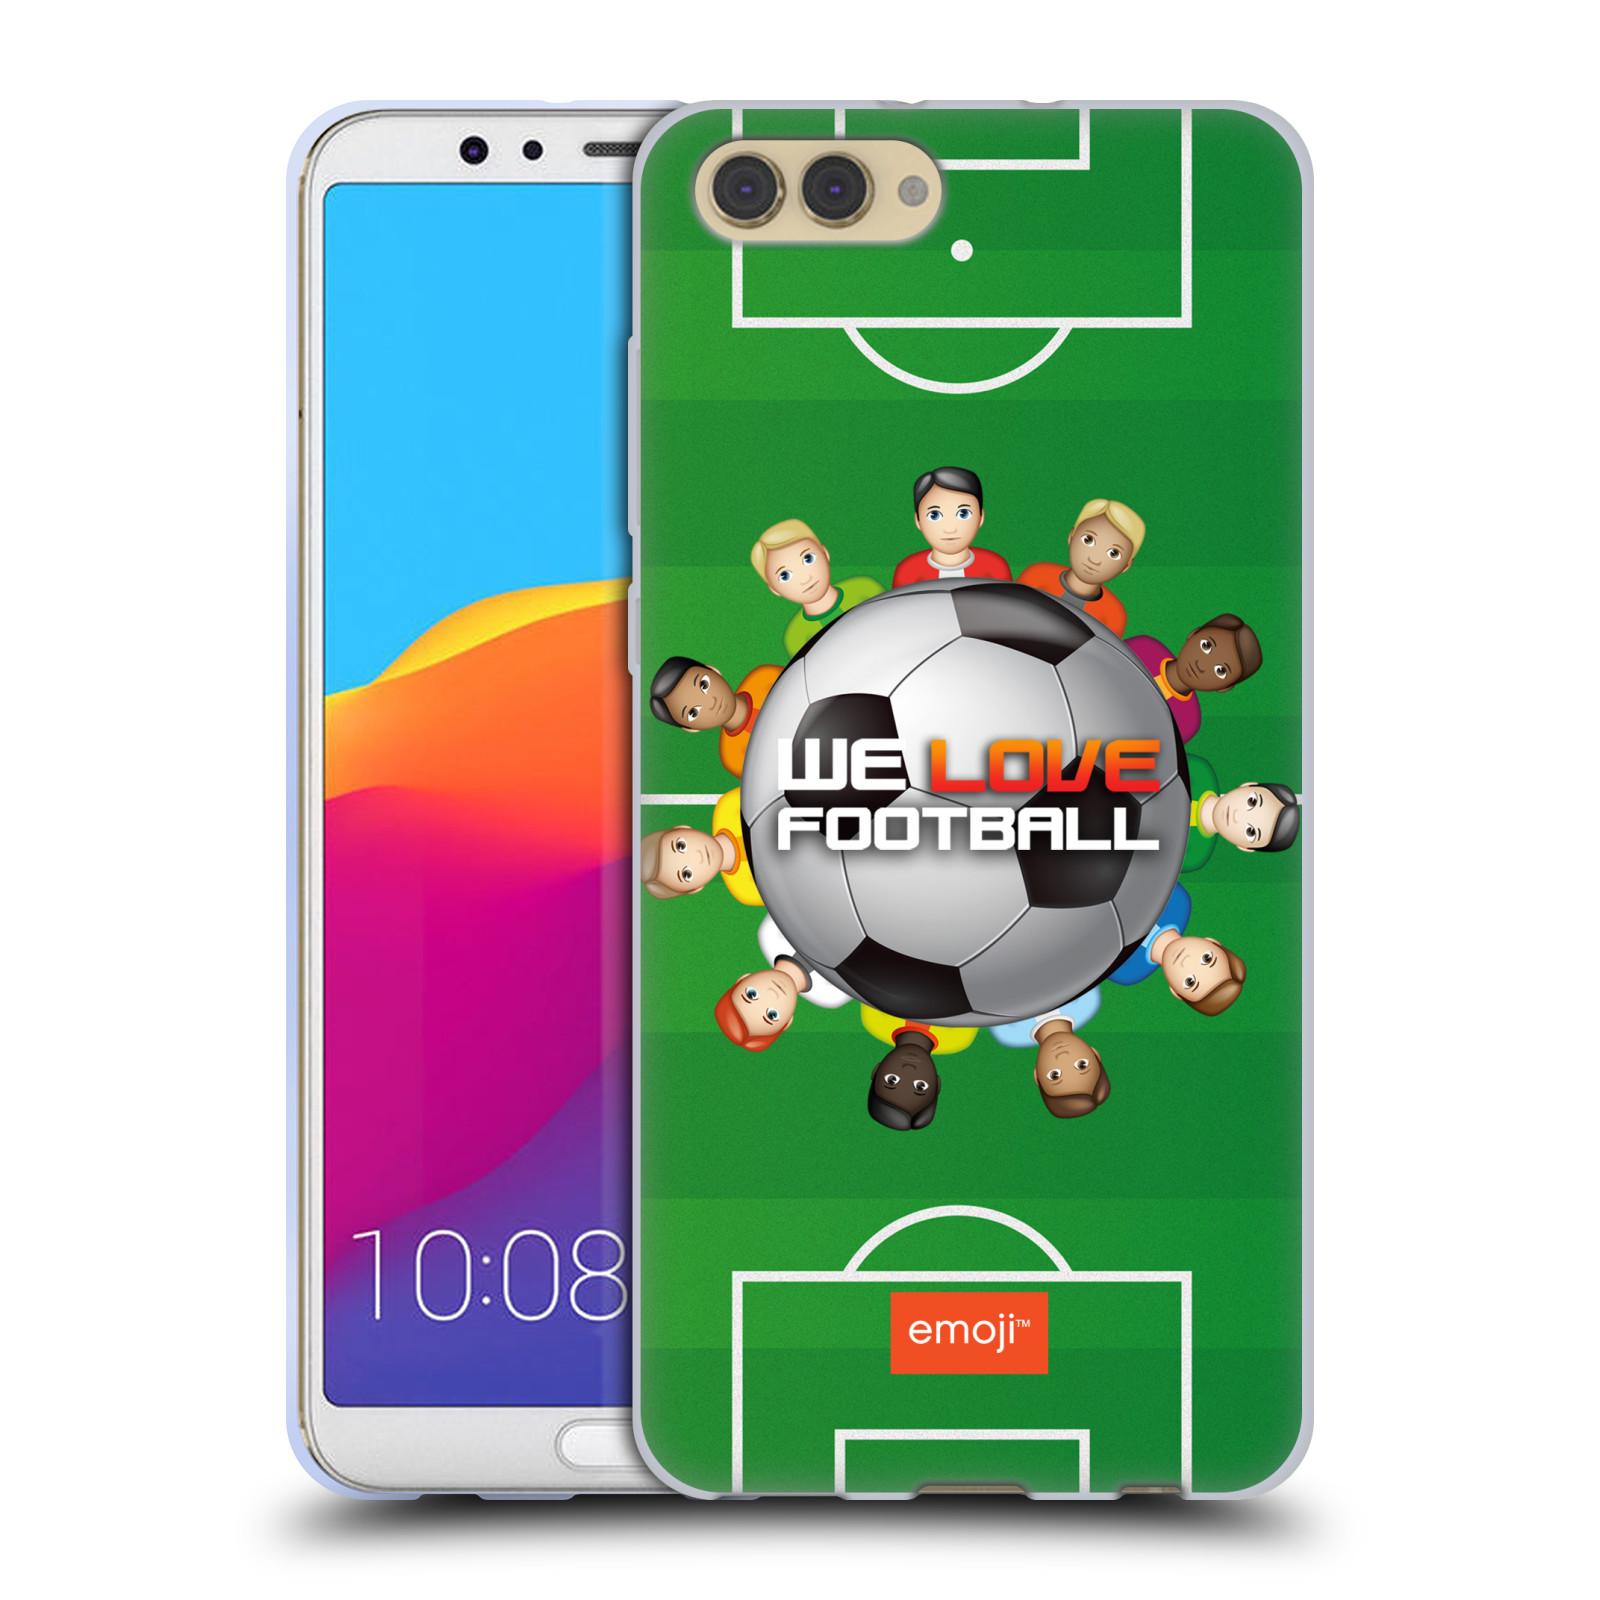 HEAD CASE silikonový obal na mobil Huawei HONOR VIEW 10 / V10 smajlíci oficiální kryt EMOJI vzor fotbal MILUJEME FOTBAL